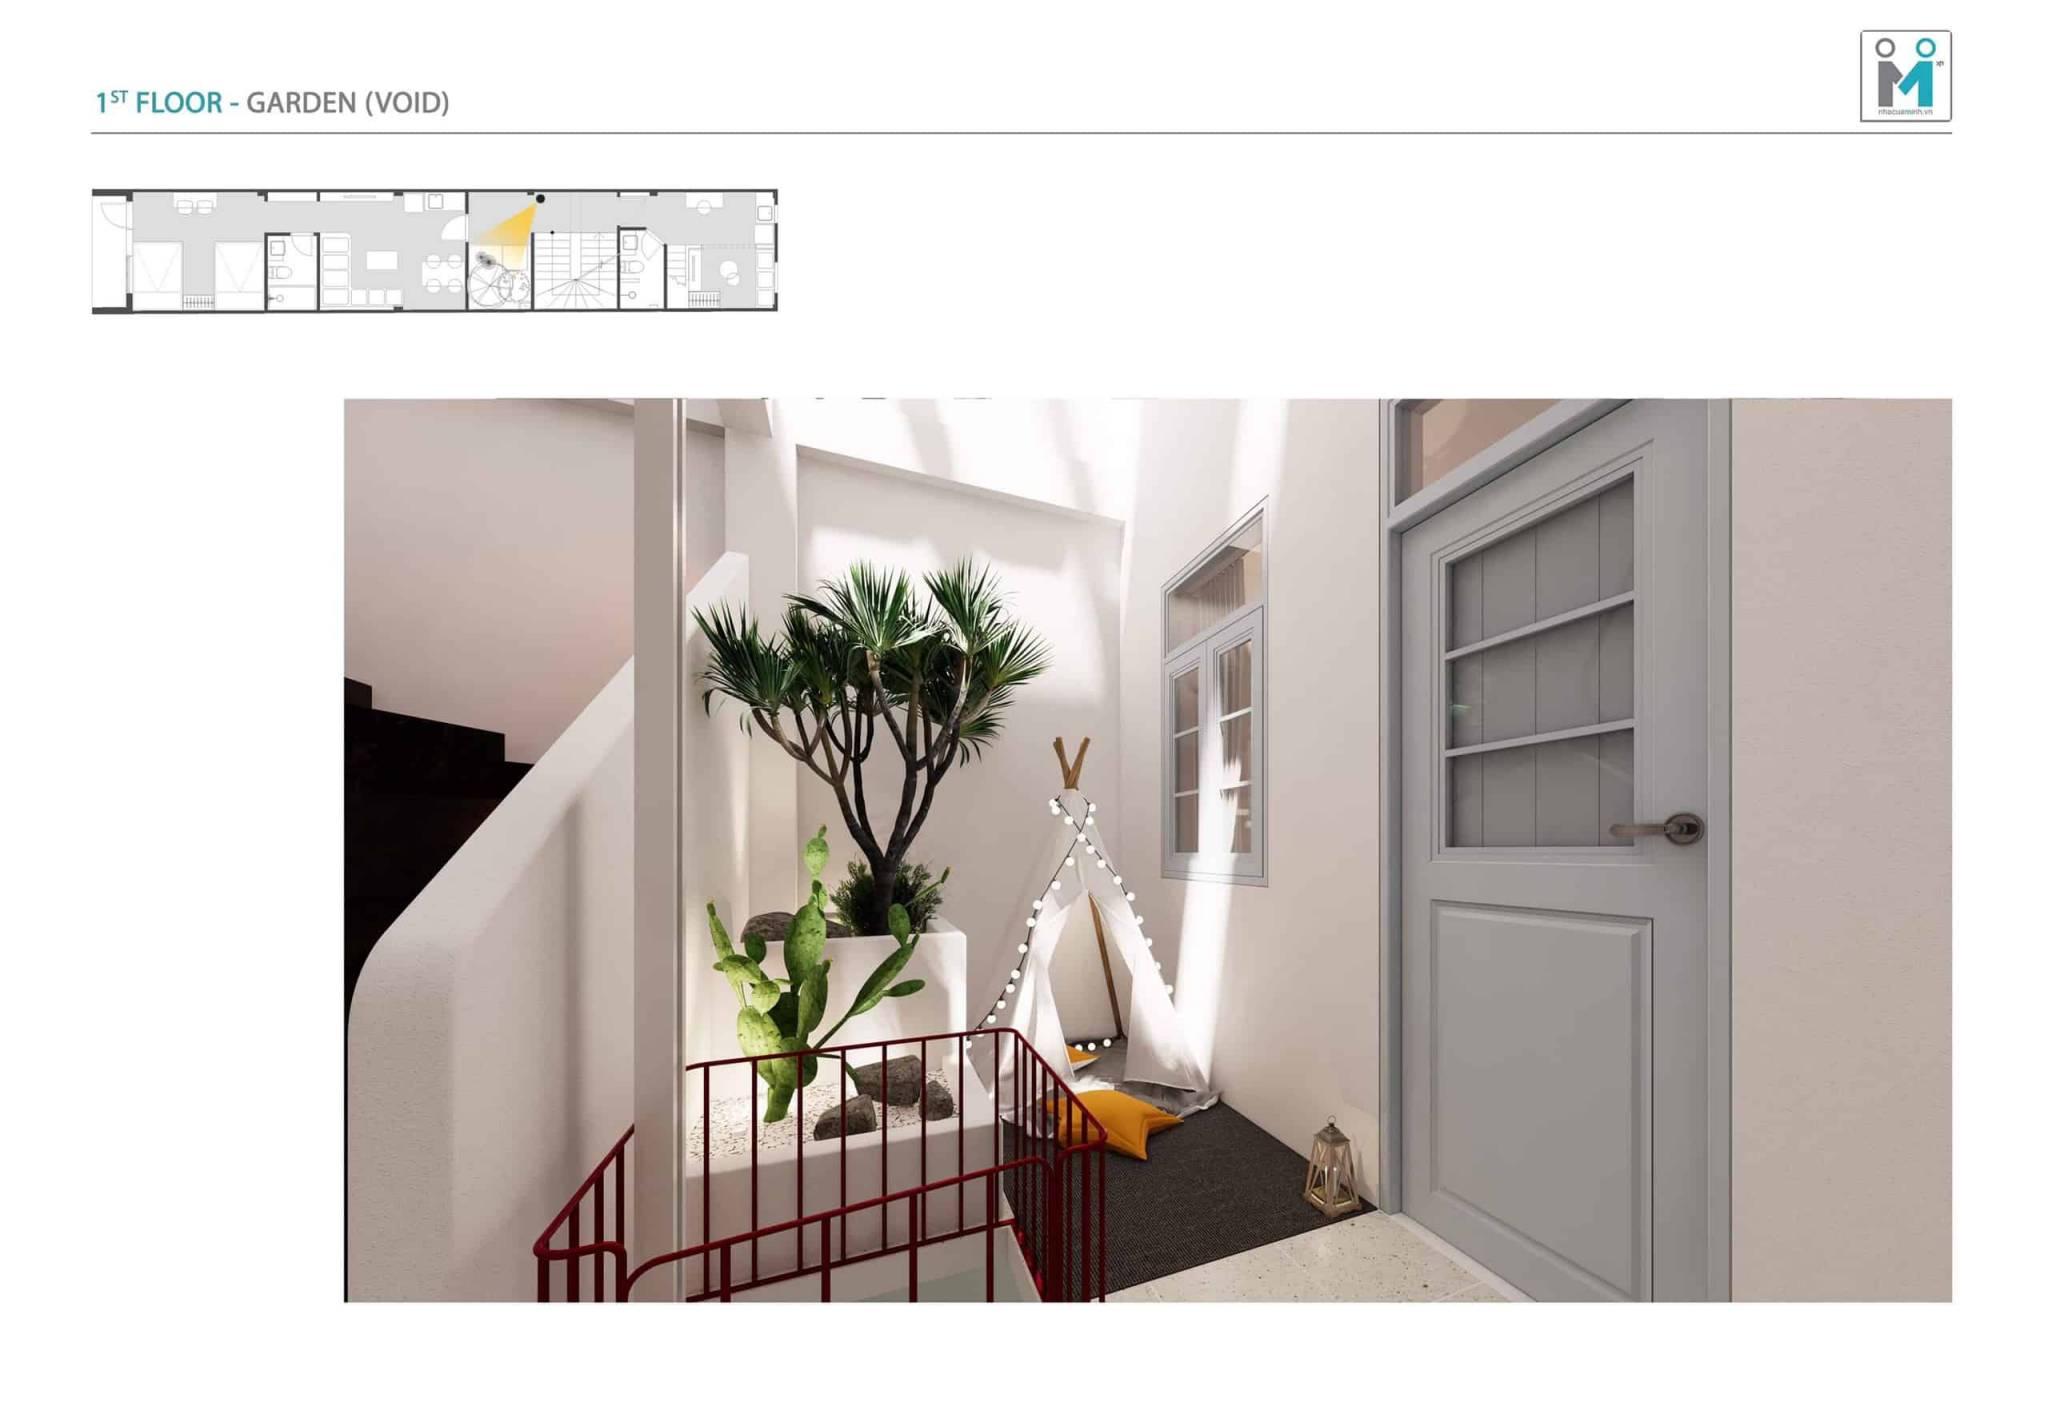 Đo vẽ hiện trạng, cải tạo căn hộ cho thuê Airbnb đường Mai Thị Lựu sau khi nâng cấp 3